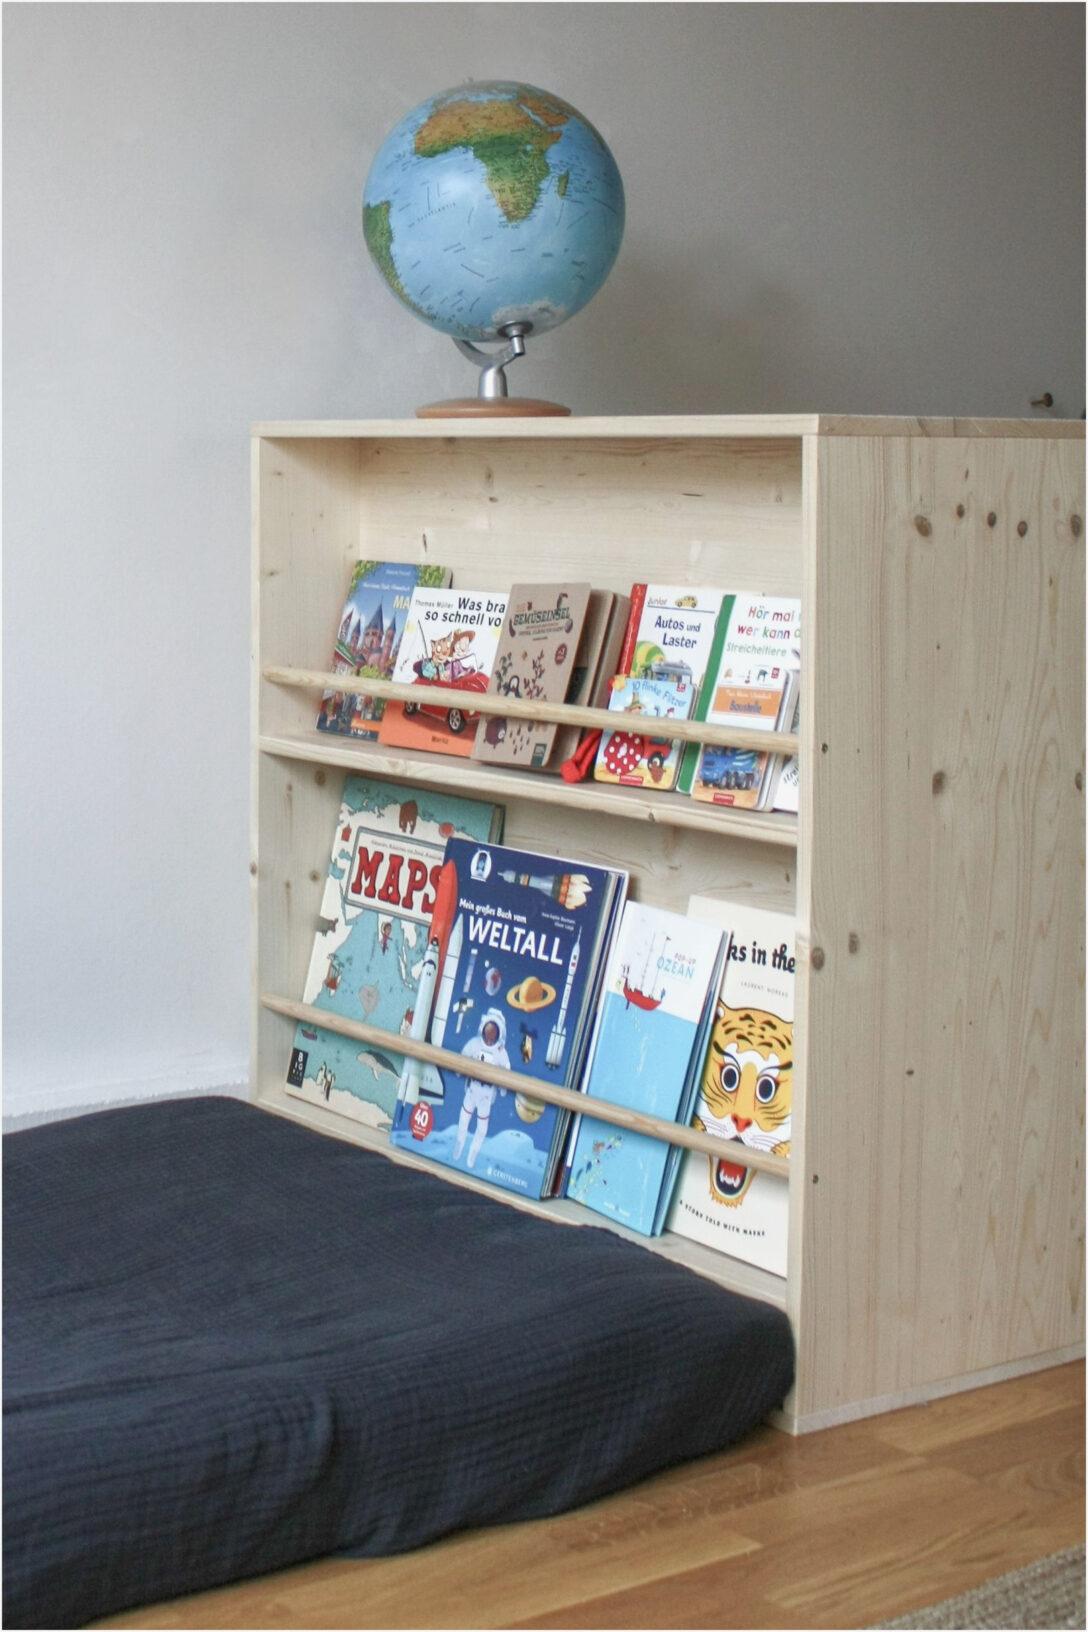 Large Size of Kinderzimmer Aufbewahrungsbox Aufbewahrung Regal Aufbewahrungskorb Blau Grau Aufbewahrungsboxen Spielzeug Ikea Aufbewahrungssysteme Aufbewahrungsregal Rosa Kinderzimmer Kinderzimmer Aufbewahrung